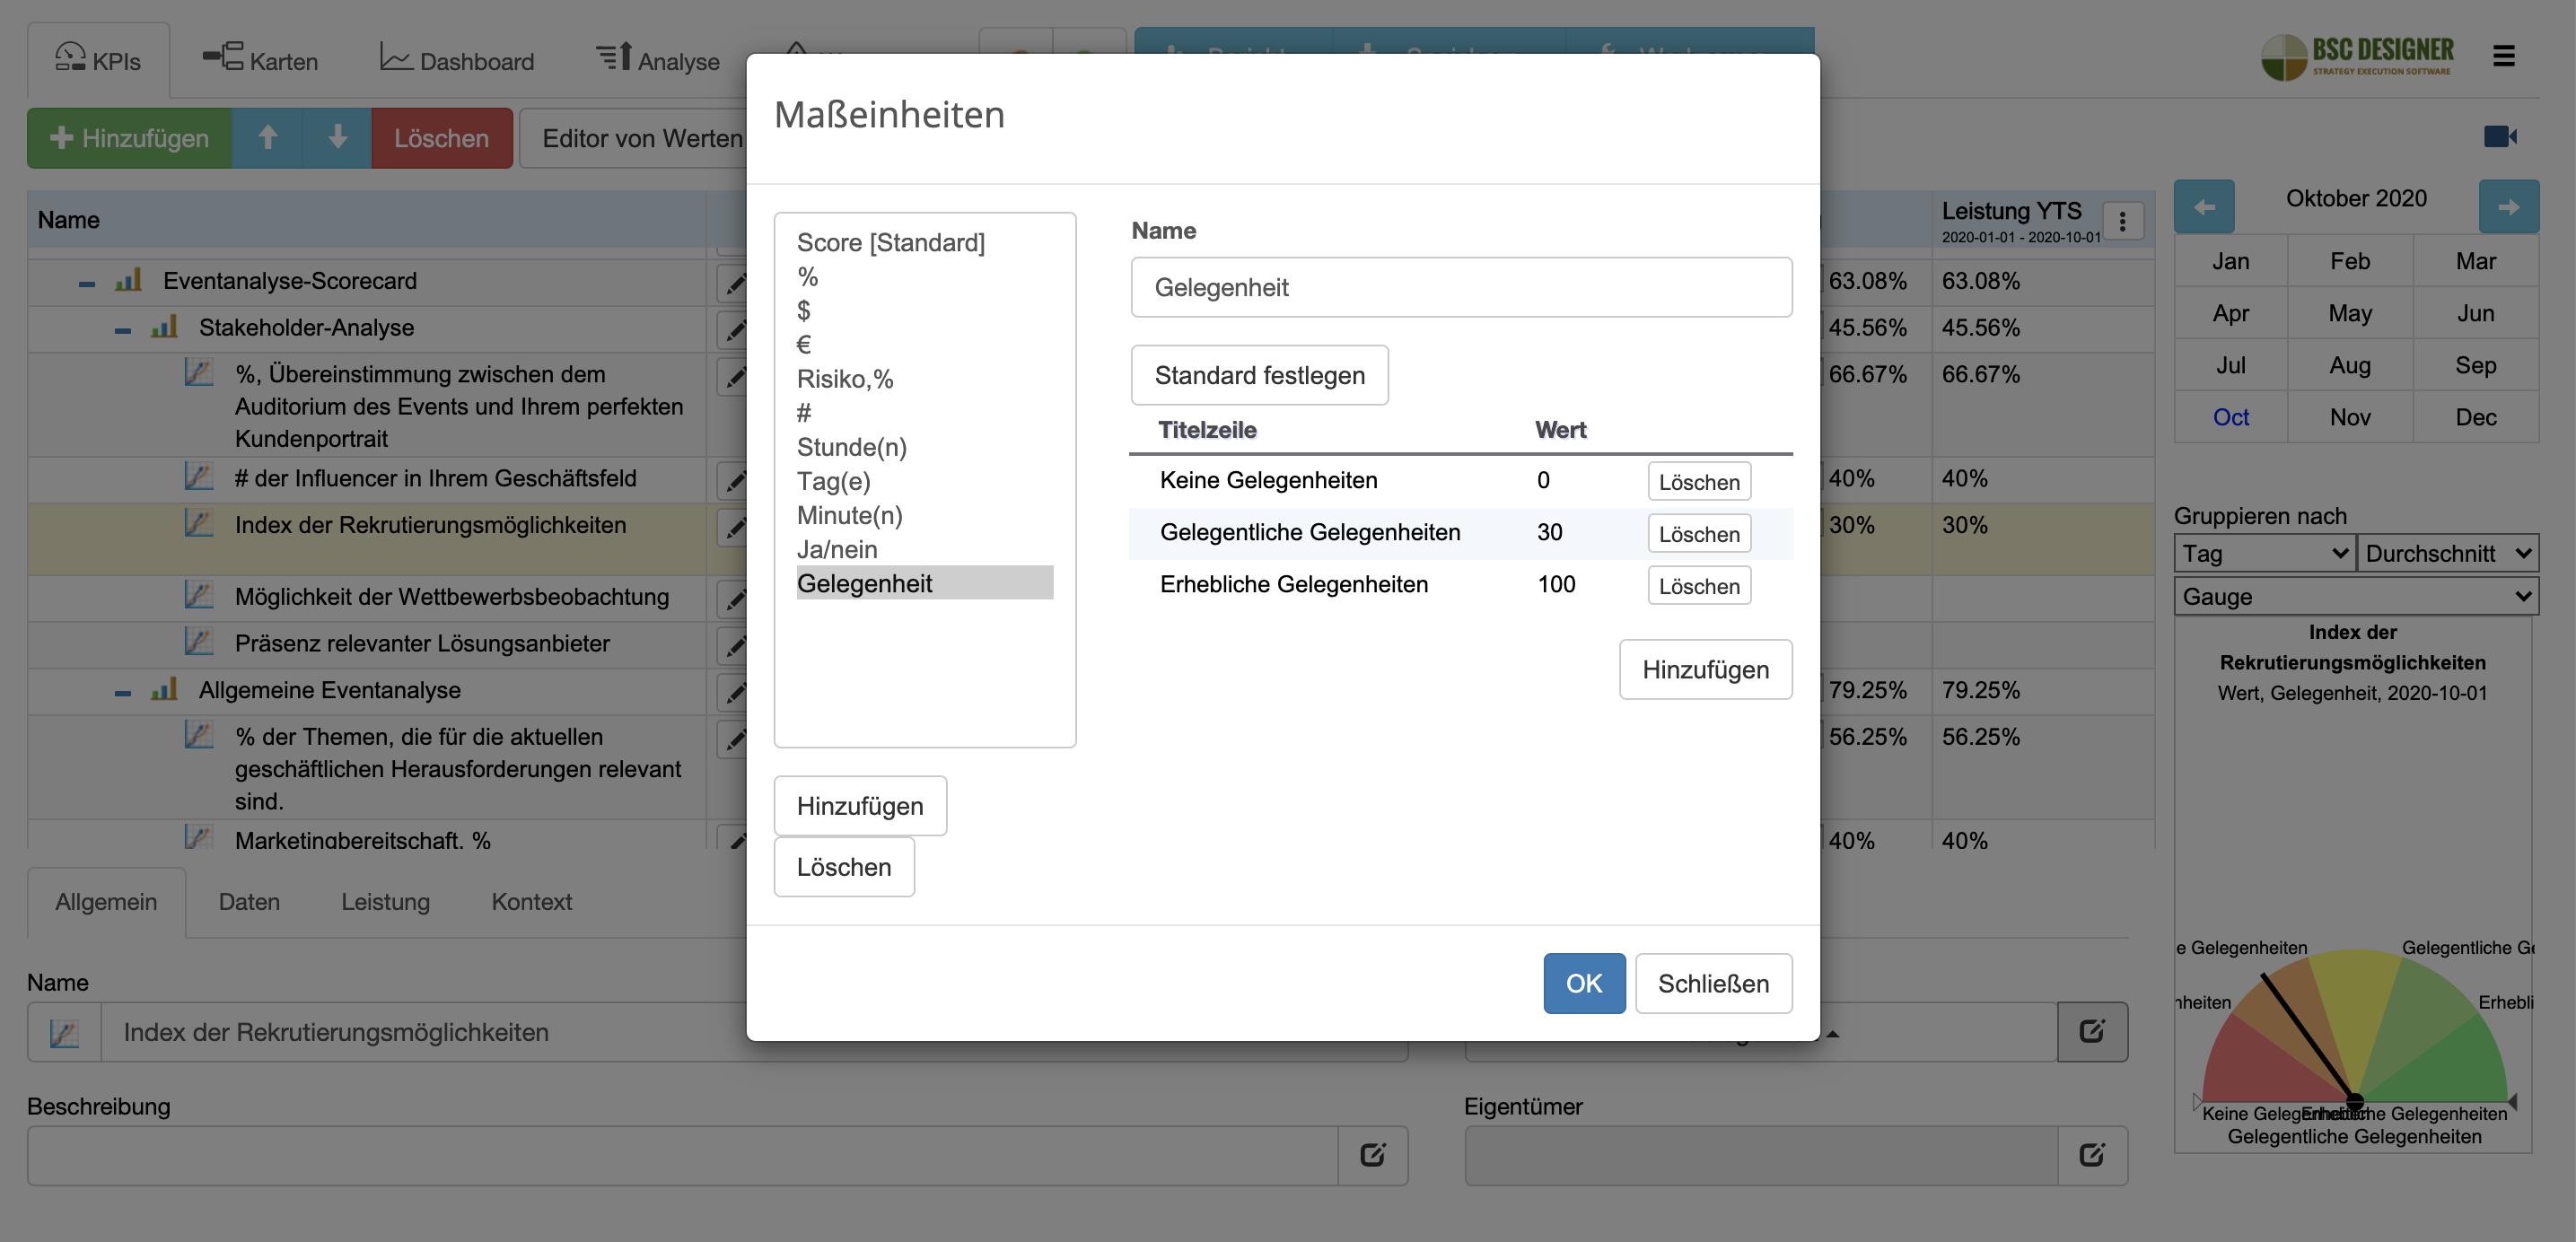 Benutzerdefinierte Maßeinheiten für Rekrutierungsmöglichkeiten